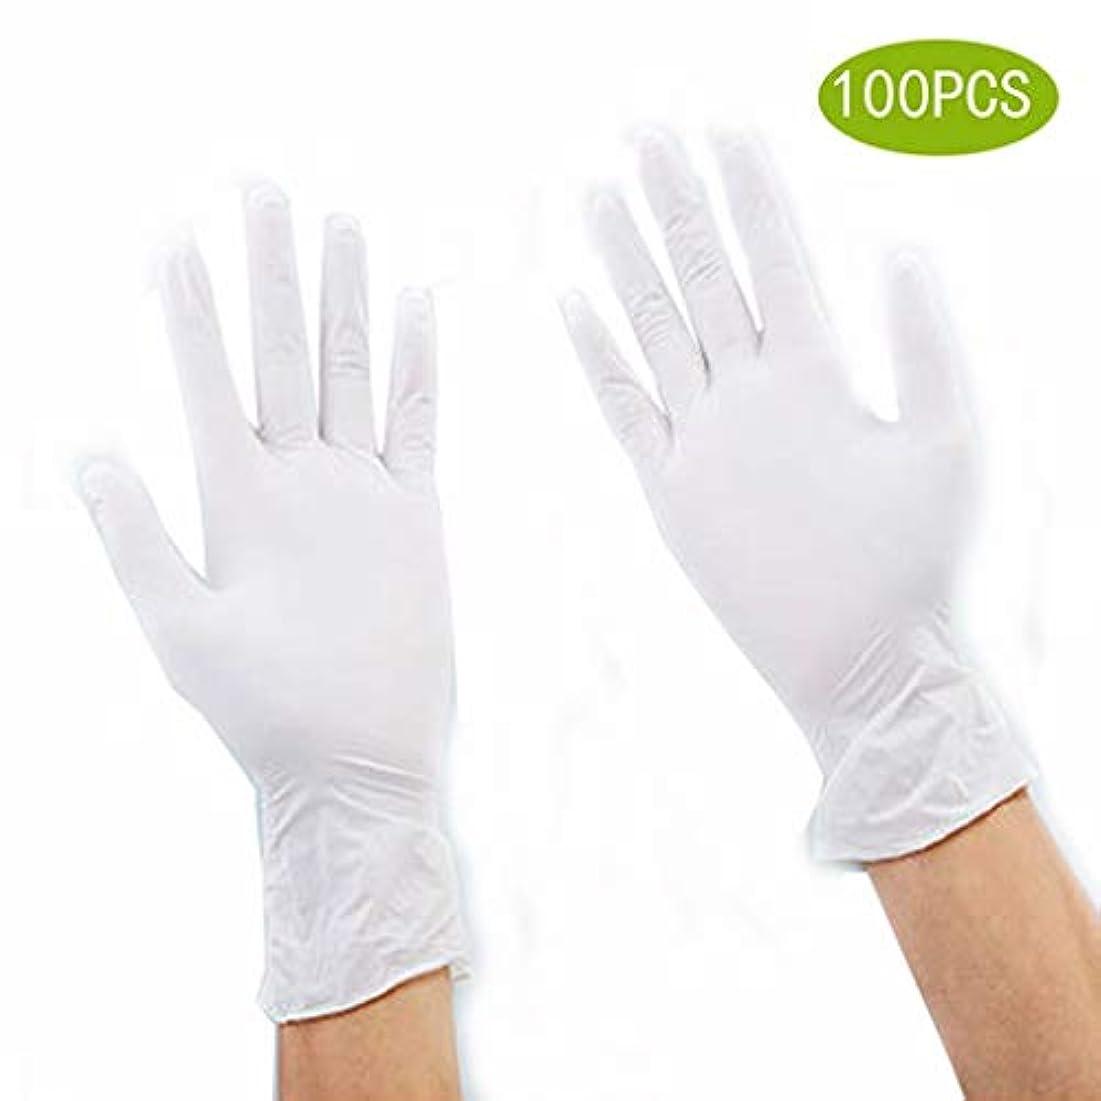 凶暴なロバロイヤリティ医療検査ニトリル手袋ボックス100、ラテックス/パウダーフリー、非滅菌手袋 - 安い、ディスカウント価格病院のための専門の等級、法執行機関、食糧販売業者、入れ墨の芸術家、家の使用 (Size : L)